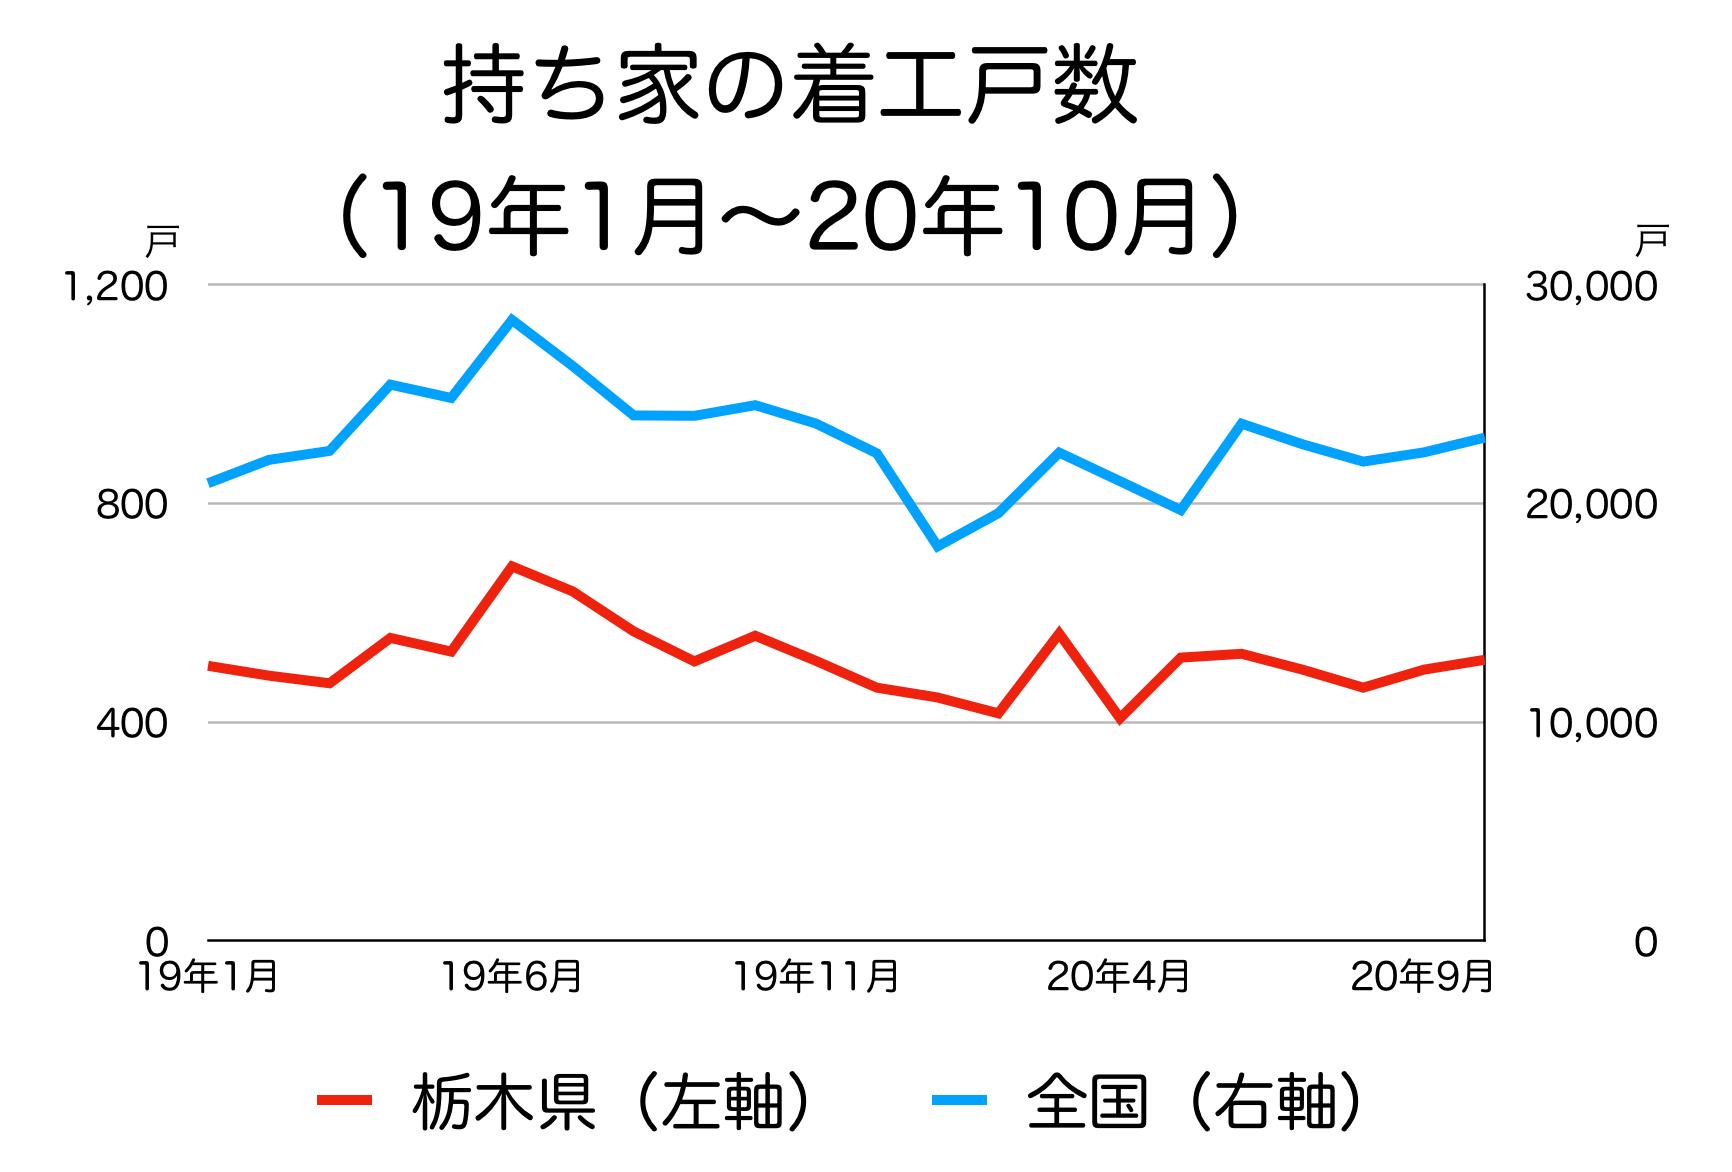 栃木県の新築着工統計